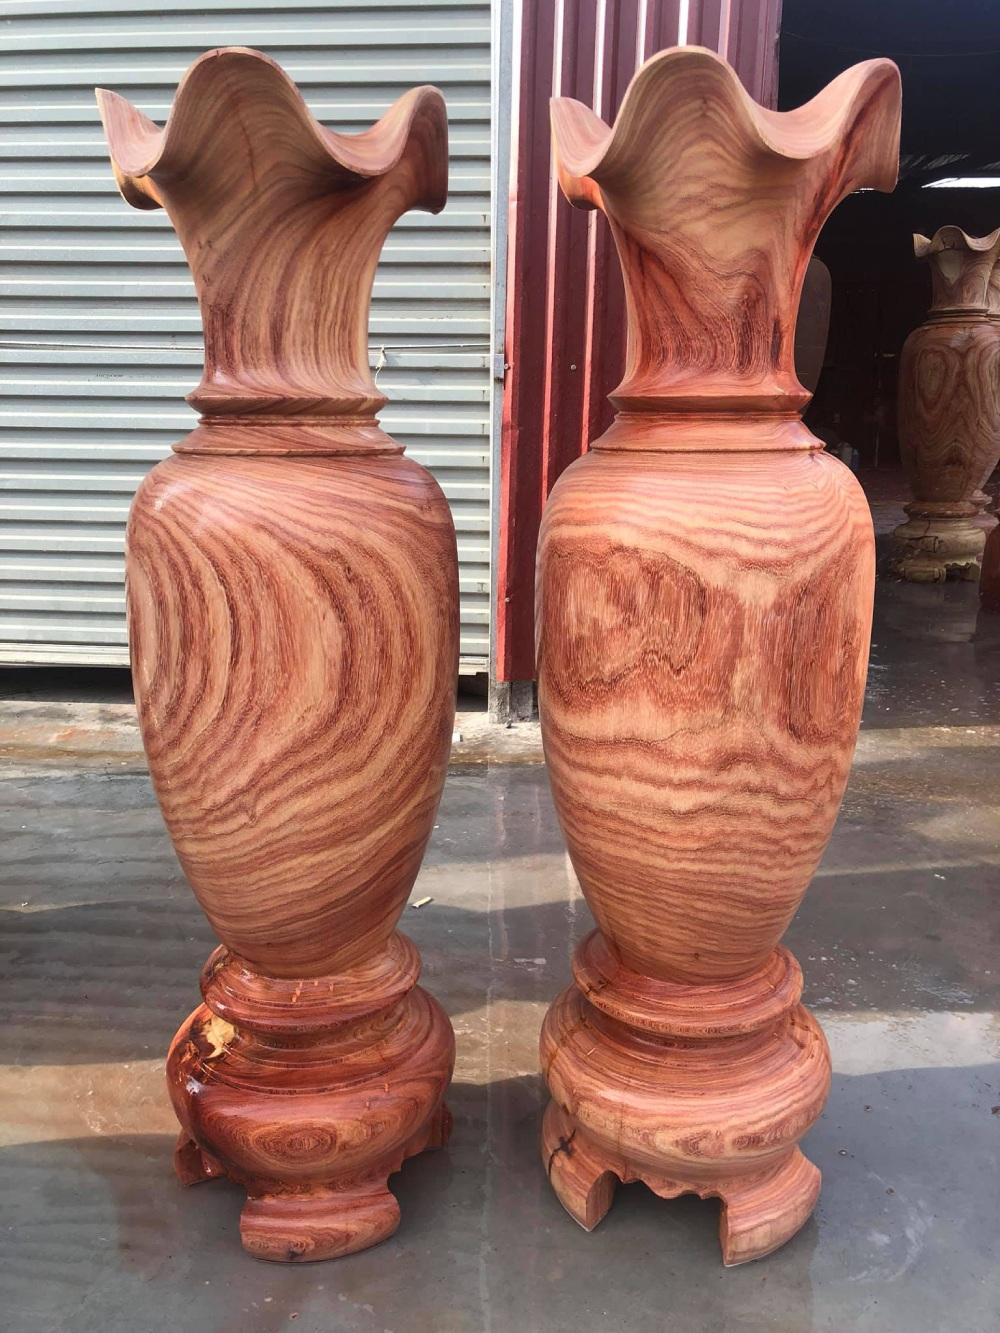 lục bình gỗ - 1m2 đk 32 - LB10 (1)